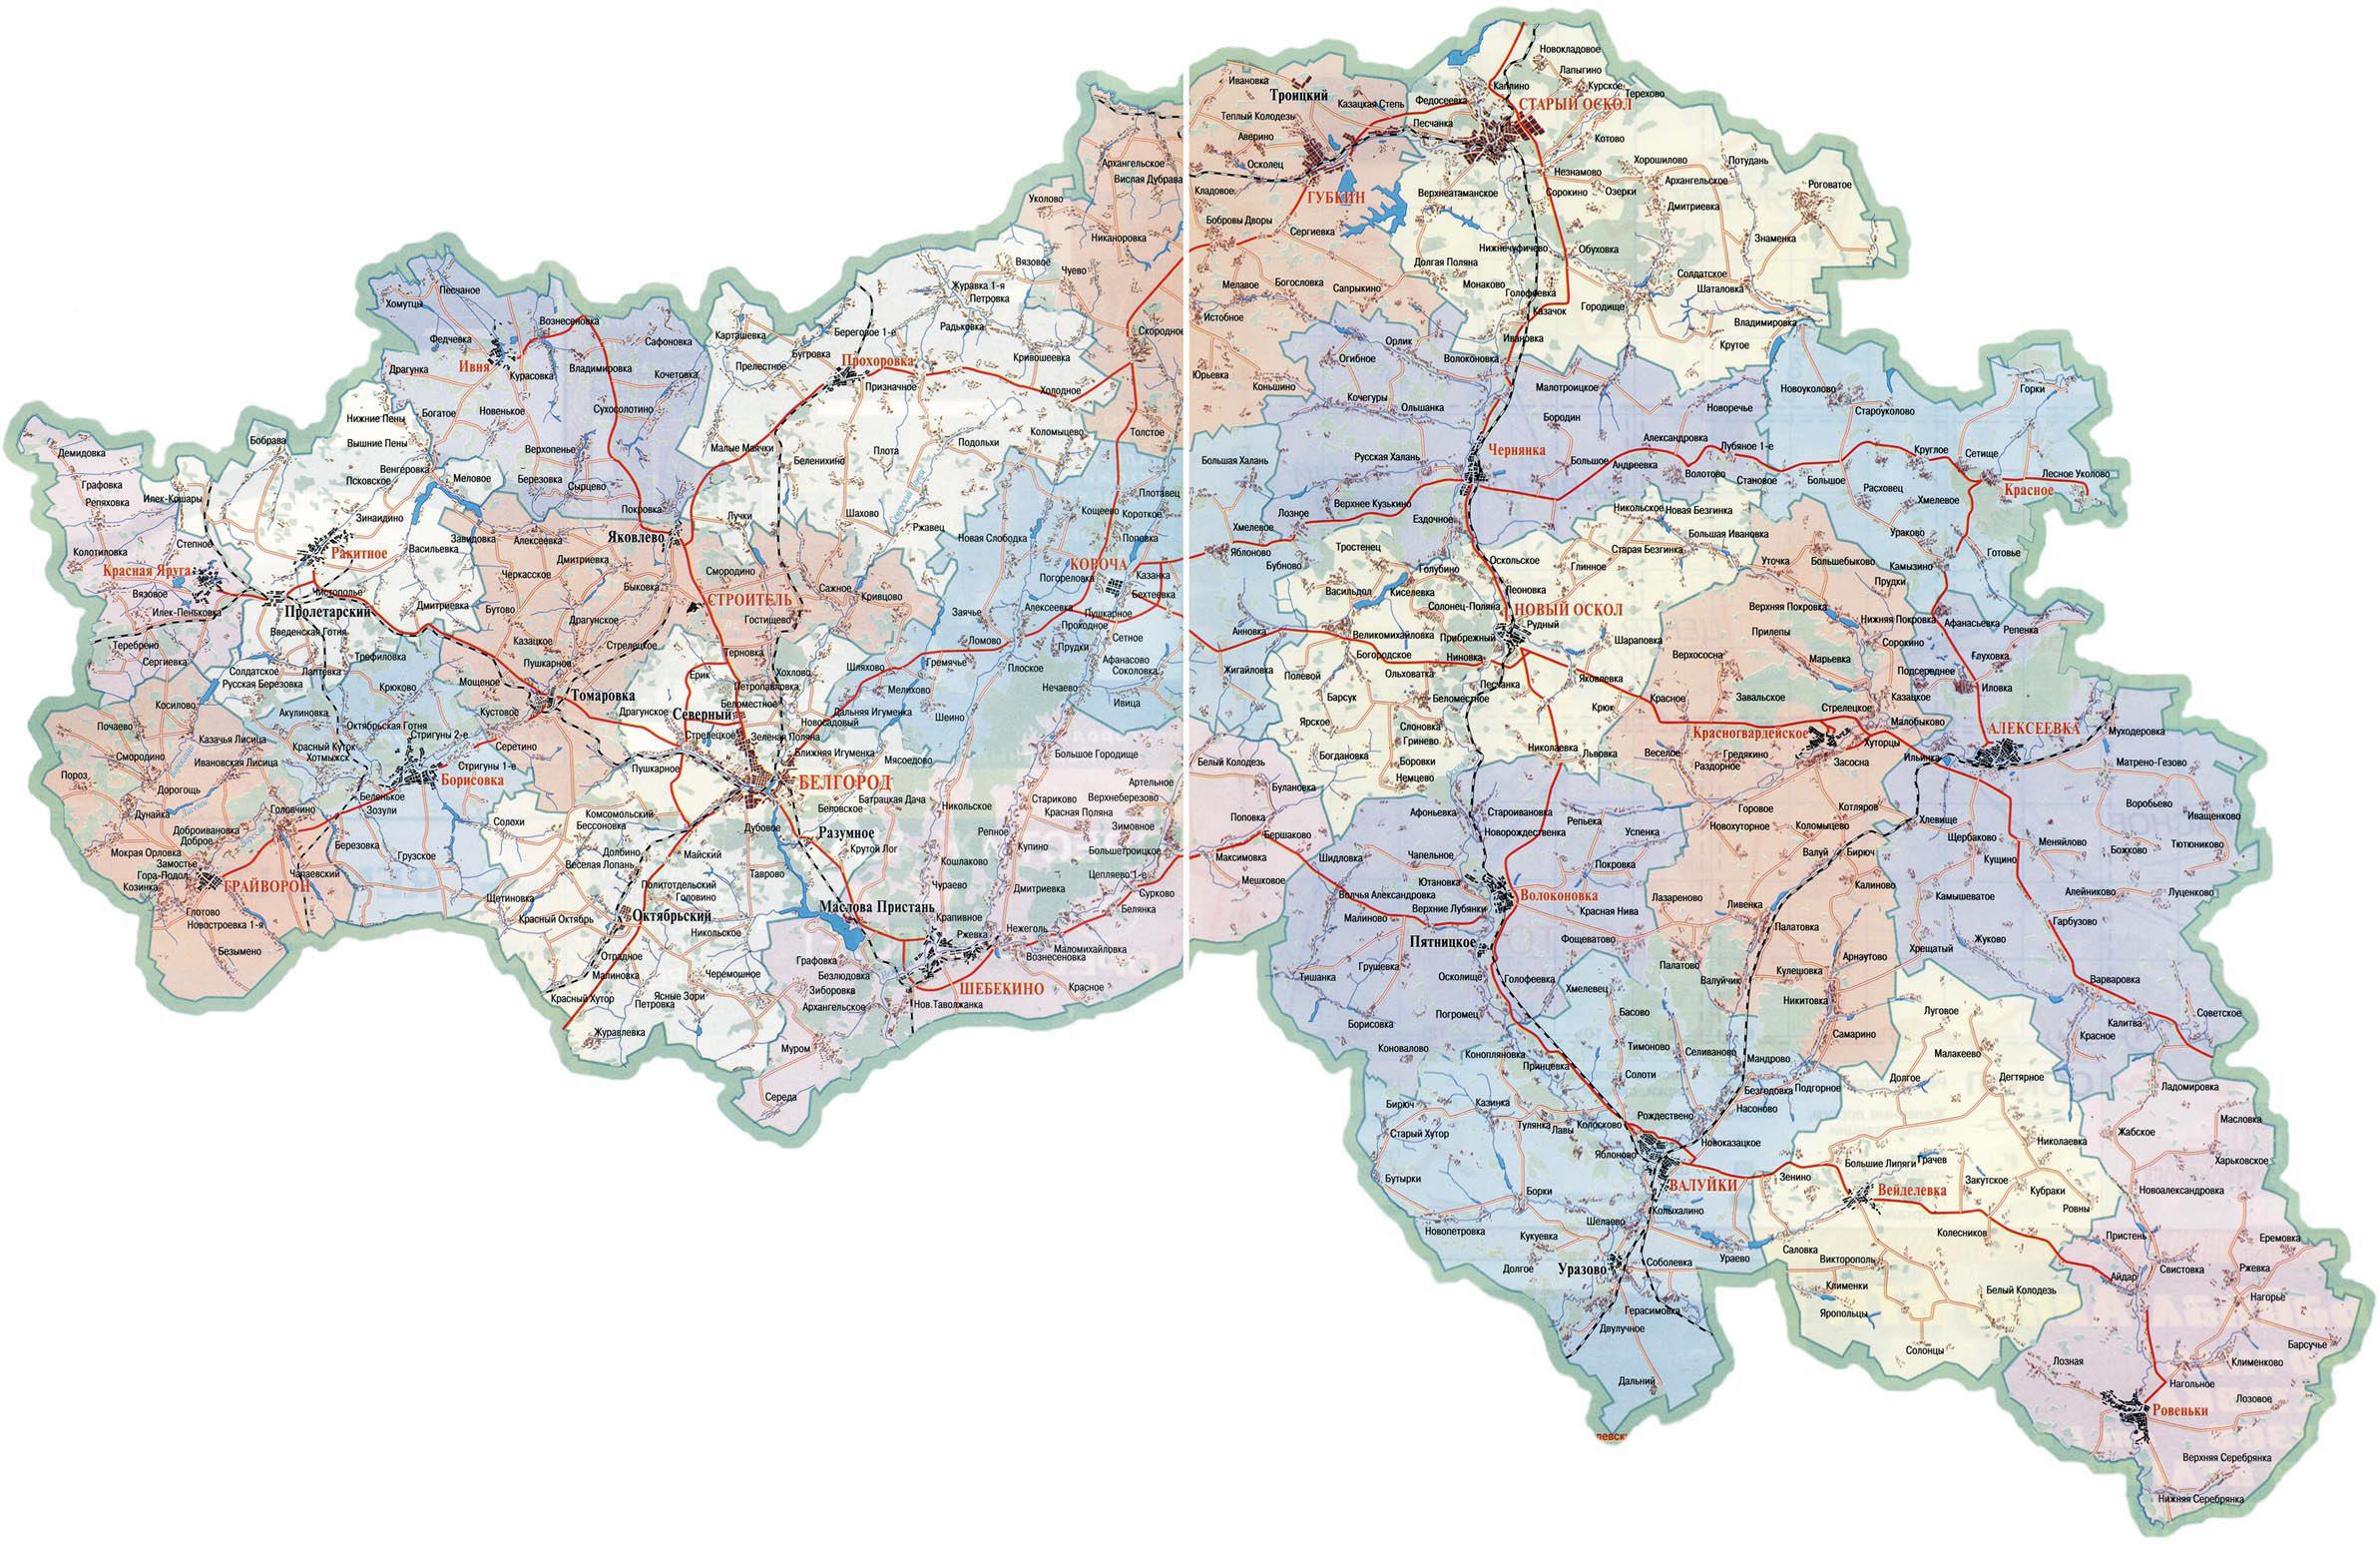 После выбора земельных участков граждане могут сами инициировать проведение аукционов на сформированные территории, имеющие кадастровые номера, либо на земли сельскохозяйственного назначения